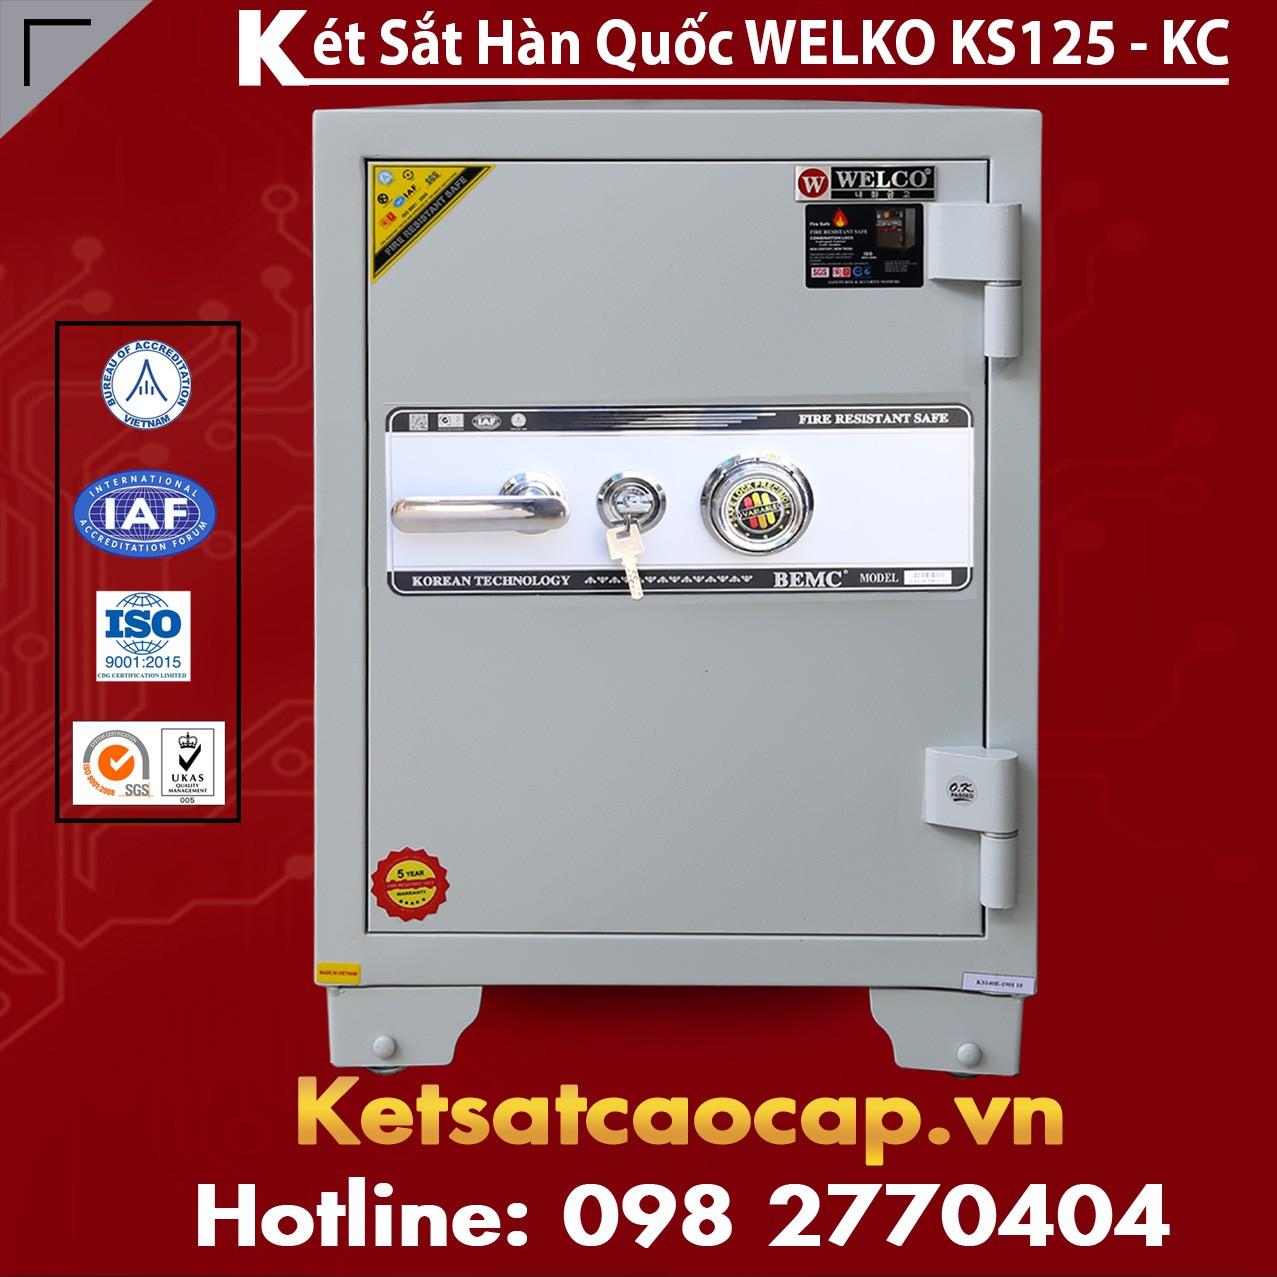 Két Sắt Văn Phòng Welko KS125 - KC White